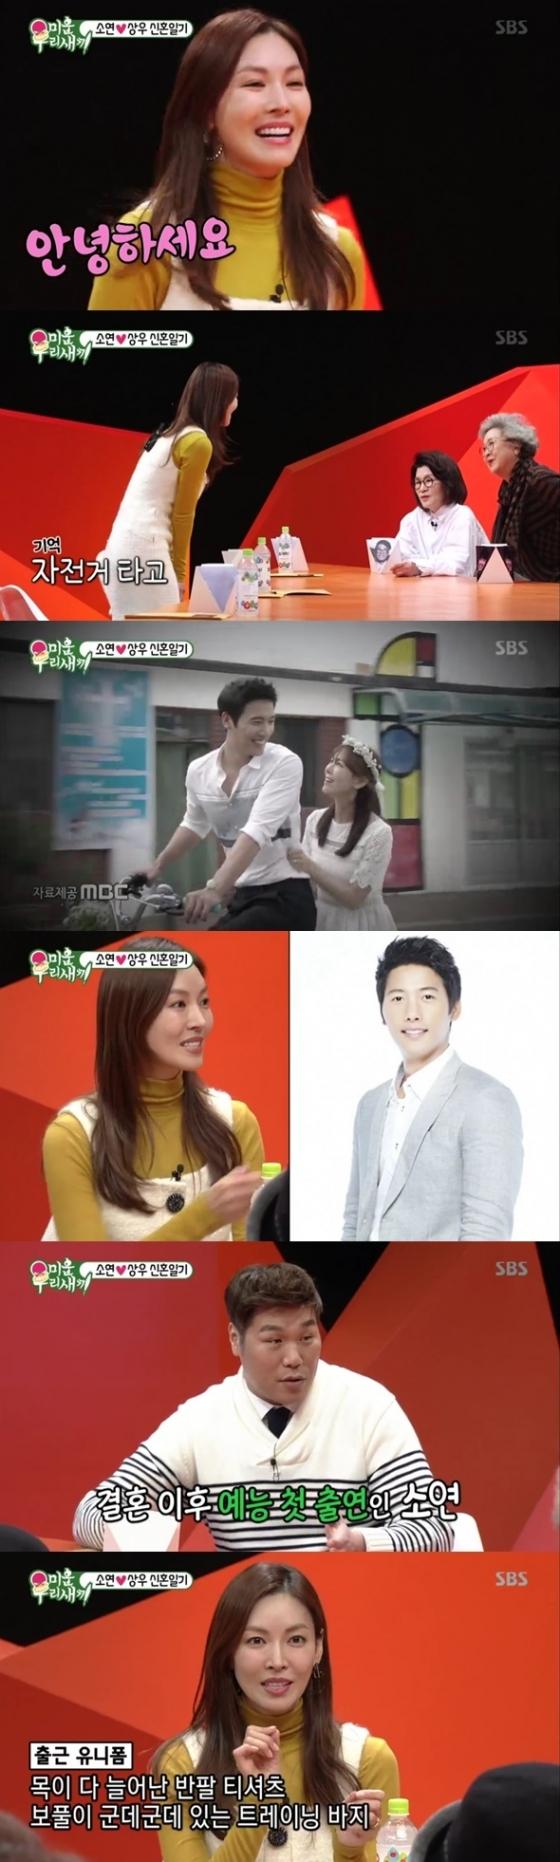 `미우새` 김소연 ¨이상우와 결혼 계기? 허례허식 없어¨